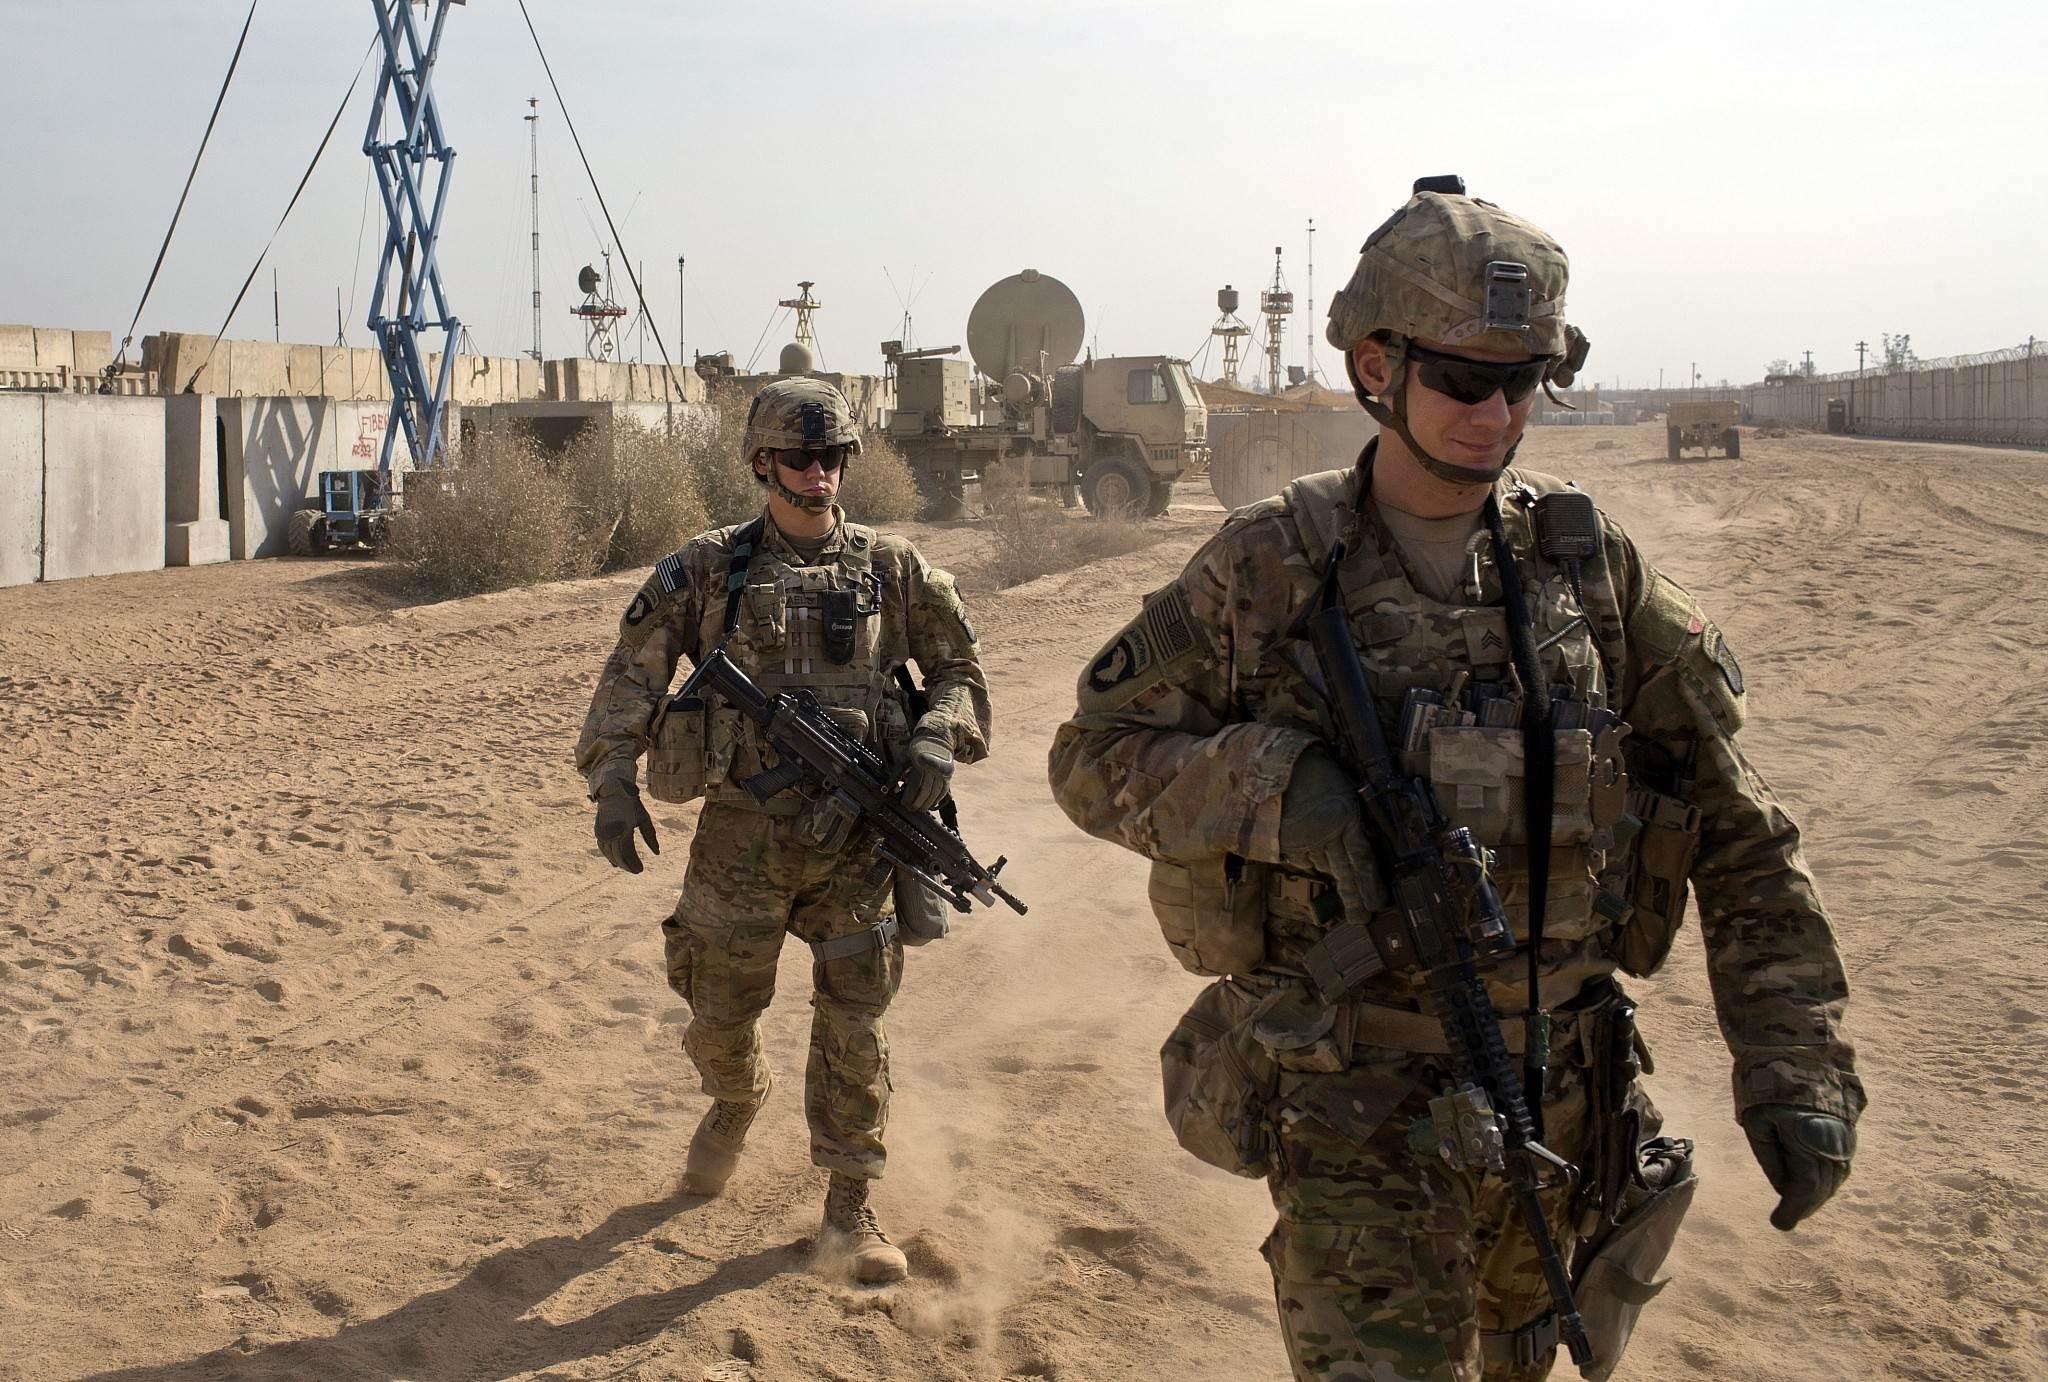 مكينزي: أميركا ستكون قادرة على الاحتفاظ بمنصة عسكرية في العراق والفضل يعود للكاظمي